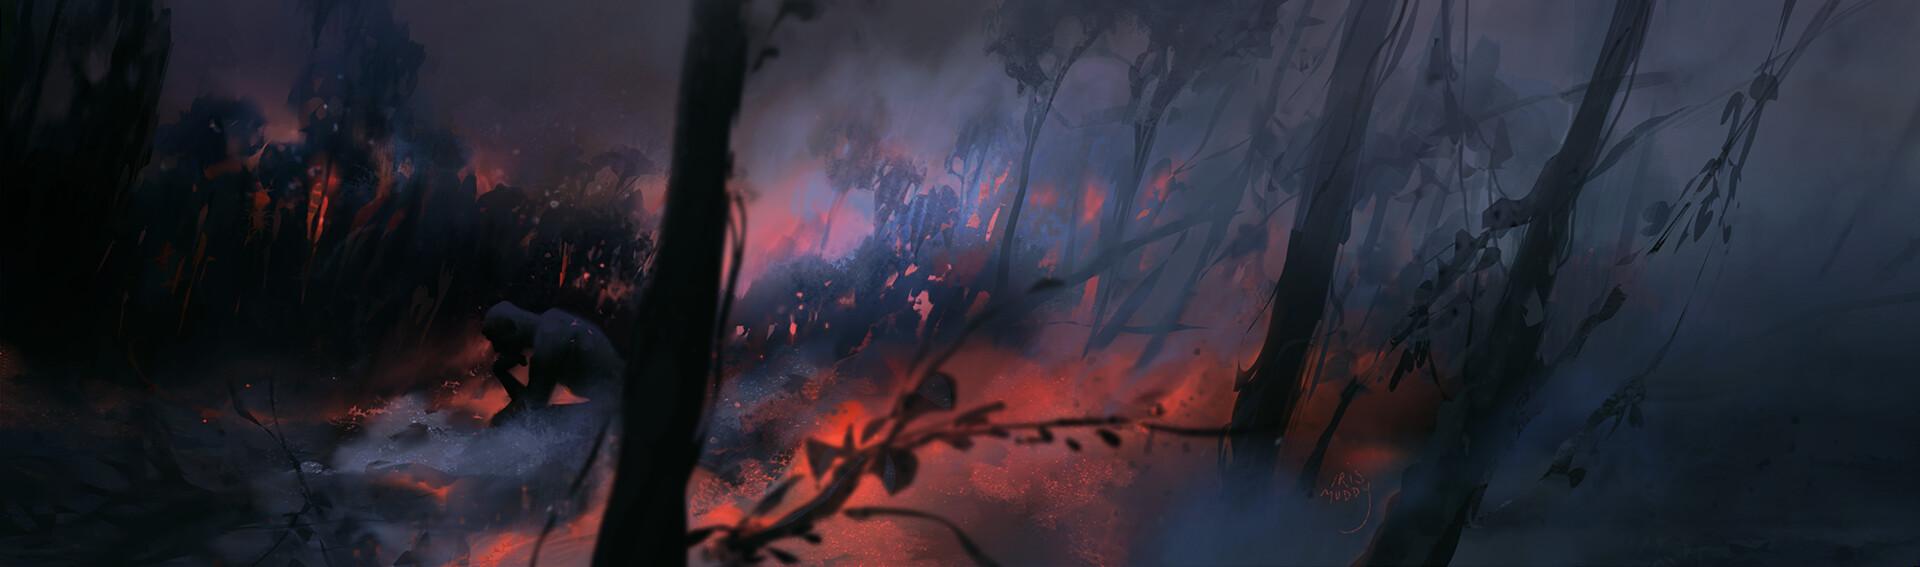 Iris muddy charred